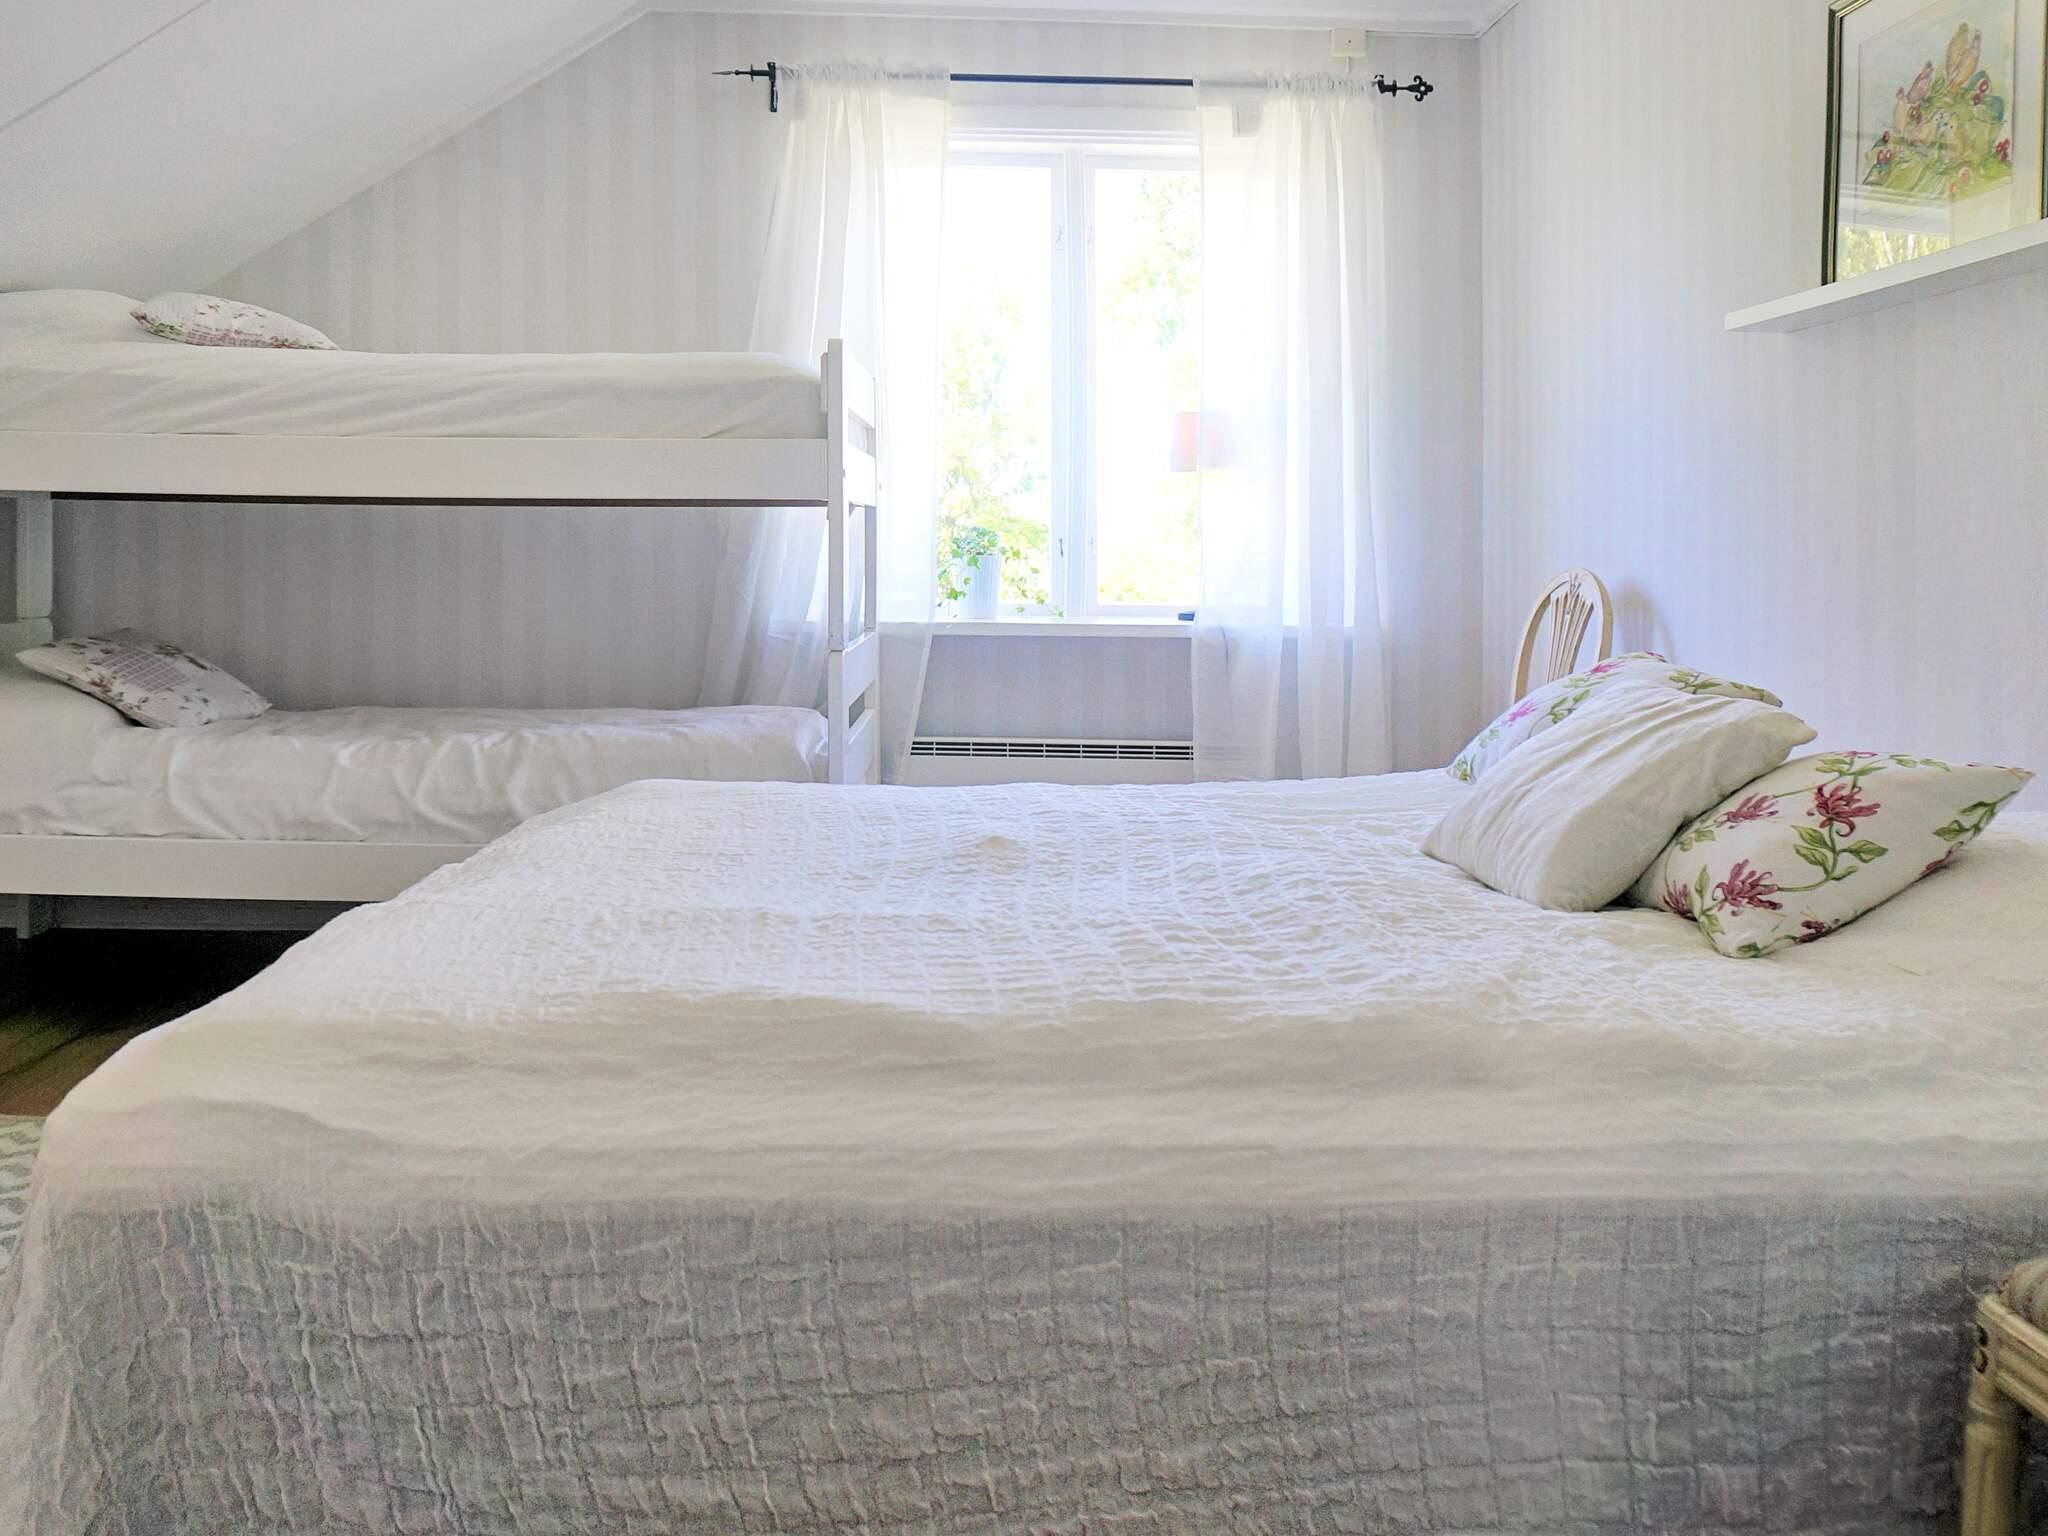 Ferienhaus Hova (432882), Hova, Västra Götaland län, Westschweden, Schweden, Bild 30